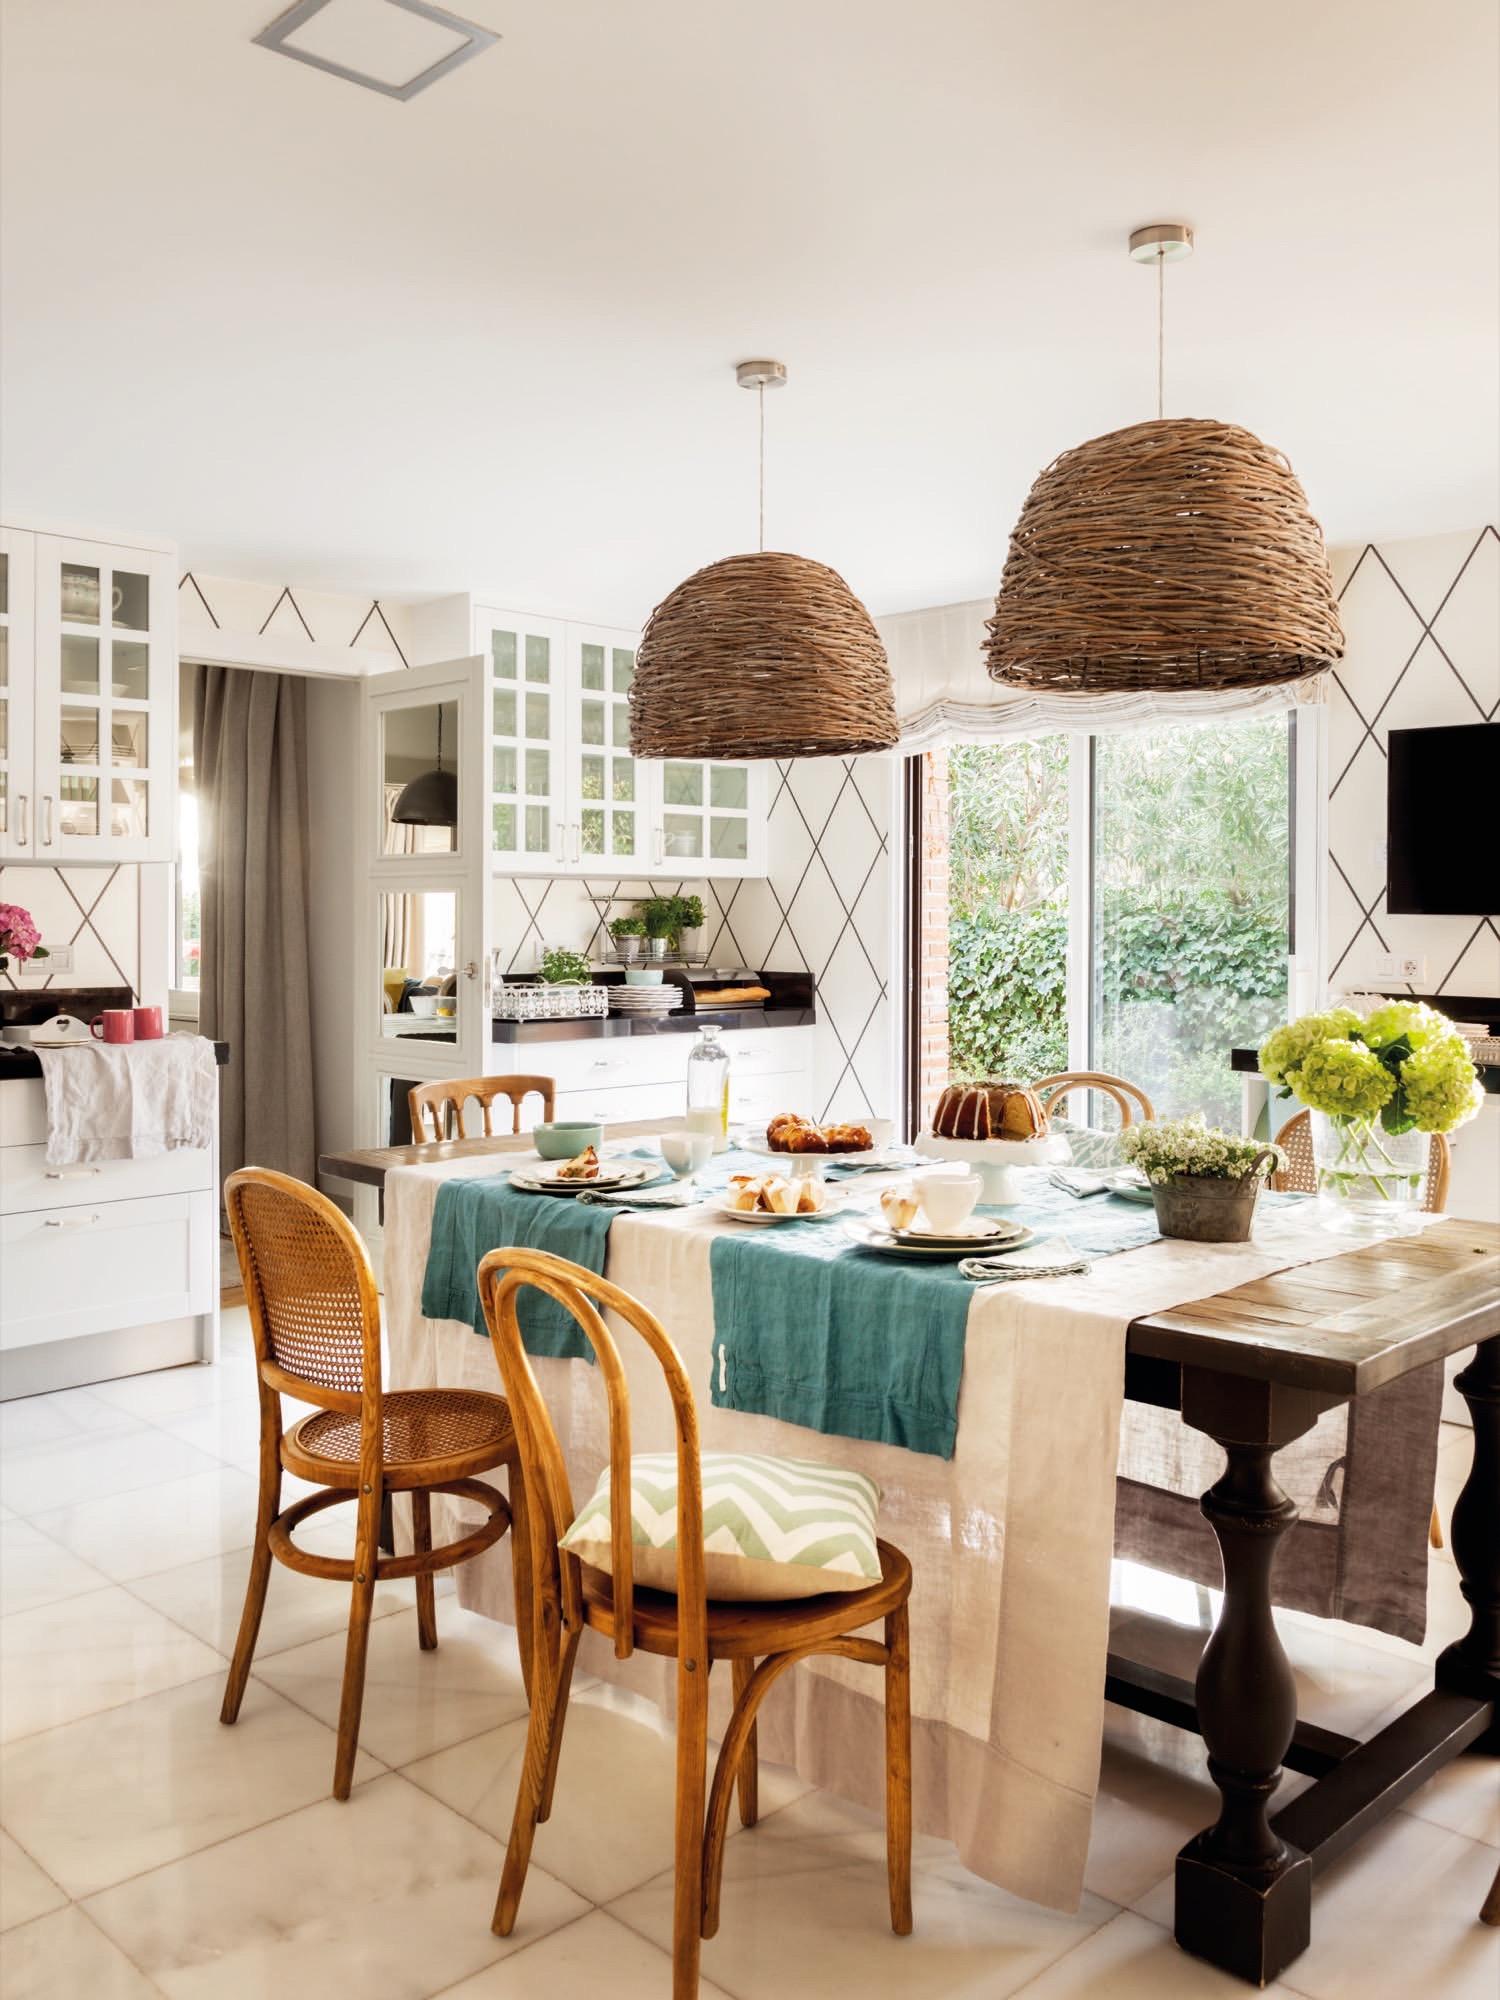 Una casa con muchos papeles pintados - Lamparas de comedor leroy merlin ...